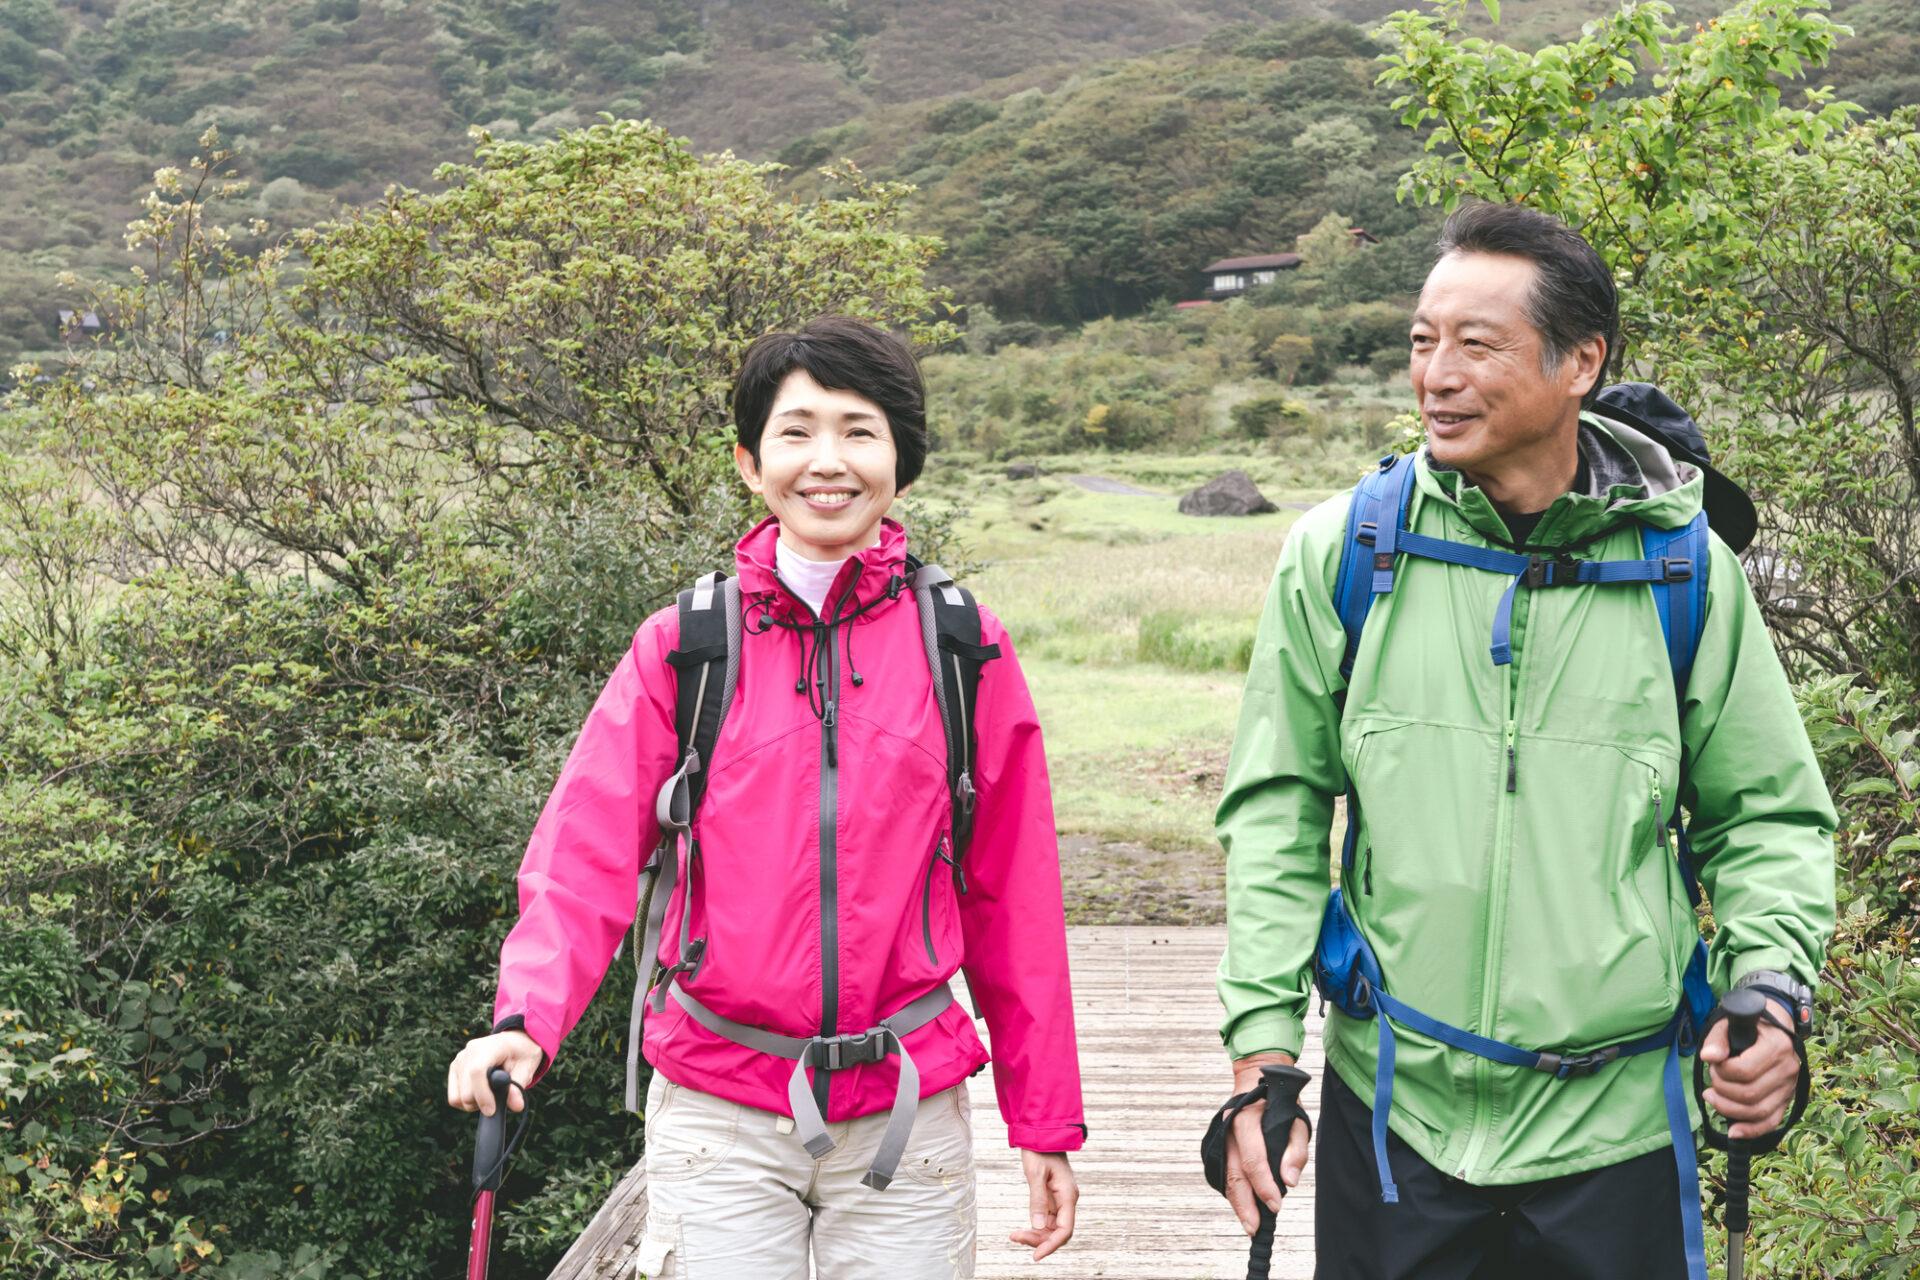 ハイキングを楽しむ夫婦